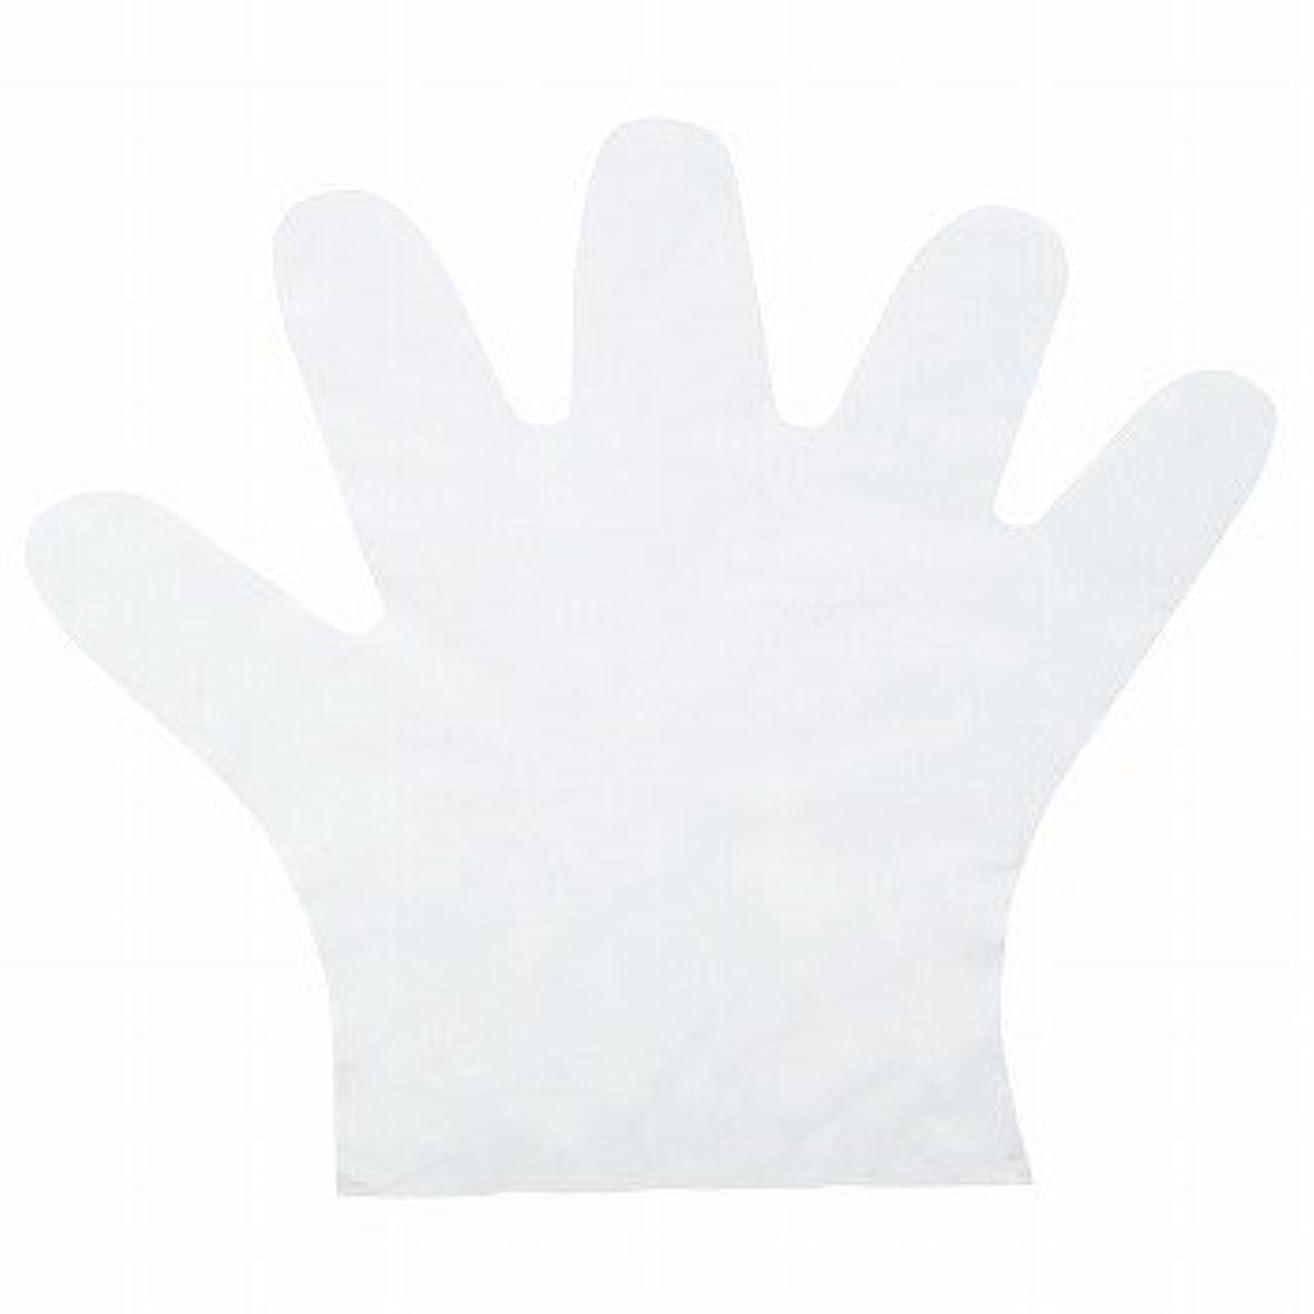 含むファン順番おたふく手袋/ポリエチディスポ(LD) 100枚入×50セット[総数5000枚]/品番:248 サイズ:S